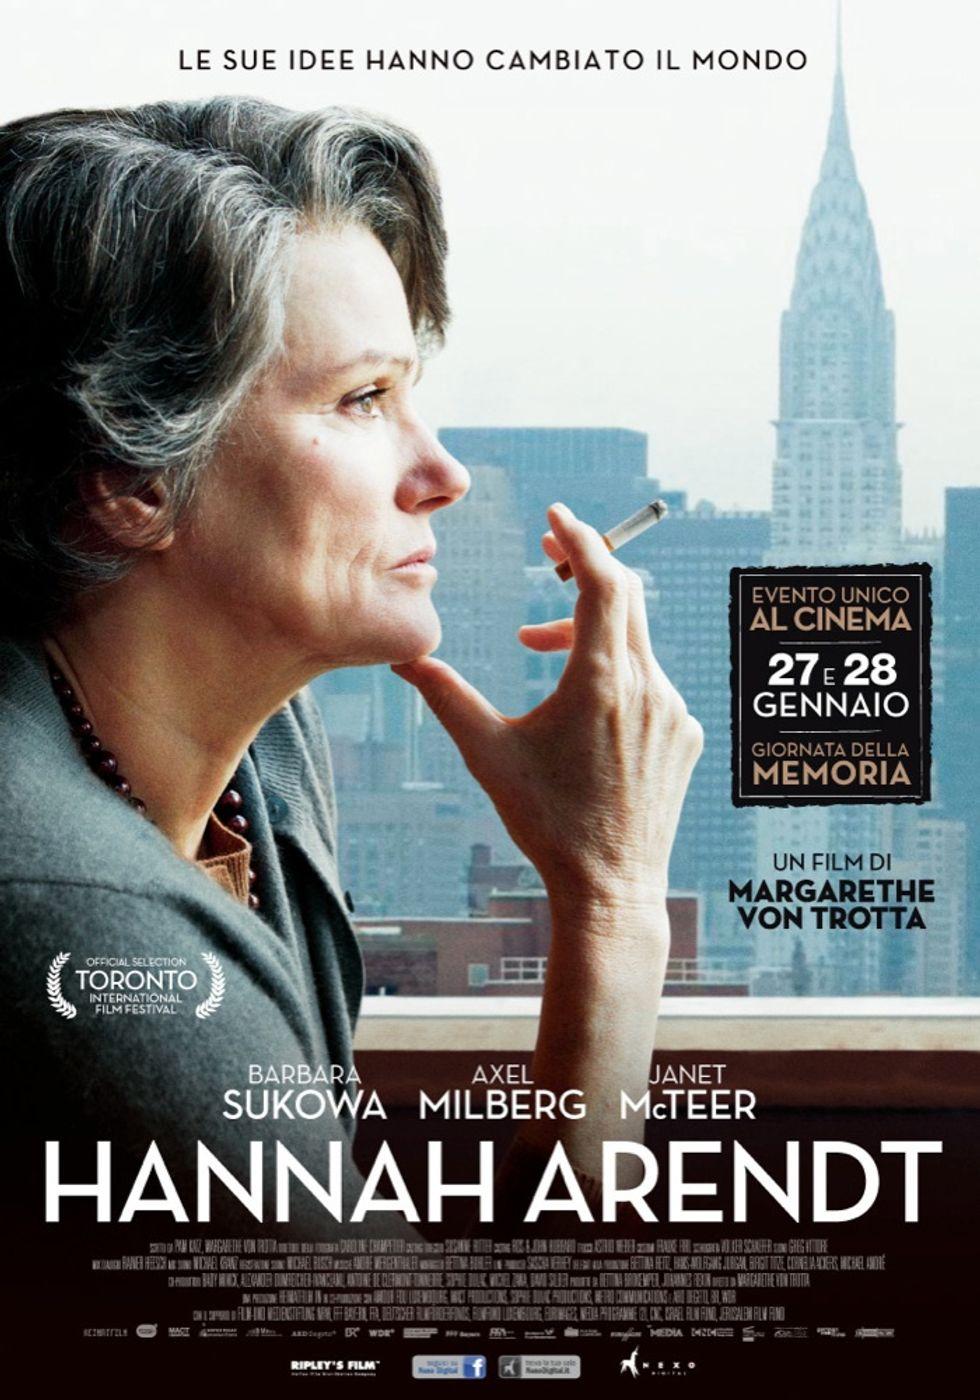 Margarethe von Trotta: Hannah Arendt e Adolf Eichmann